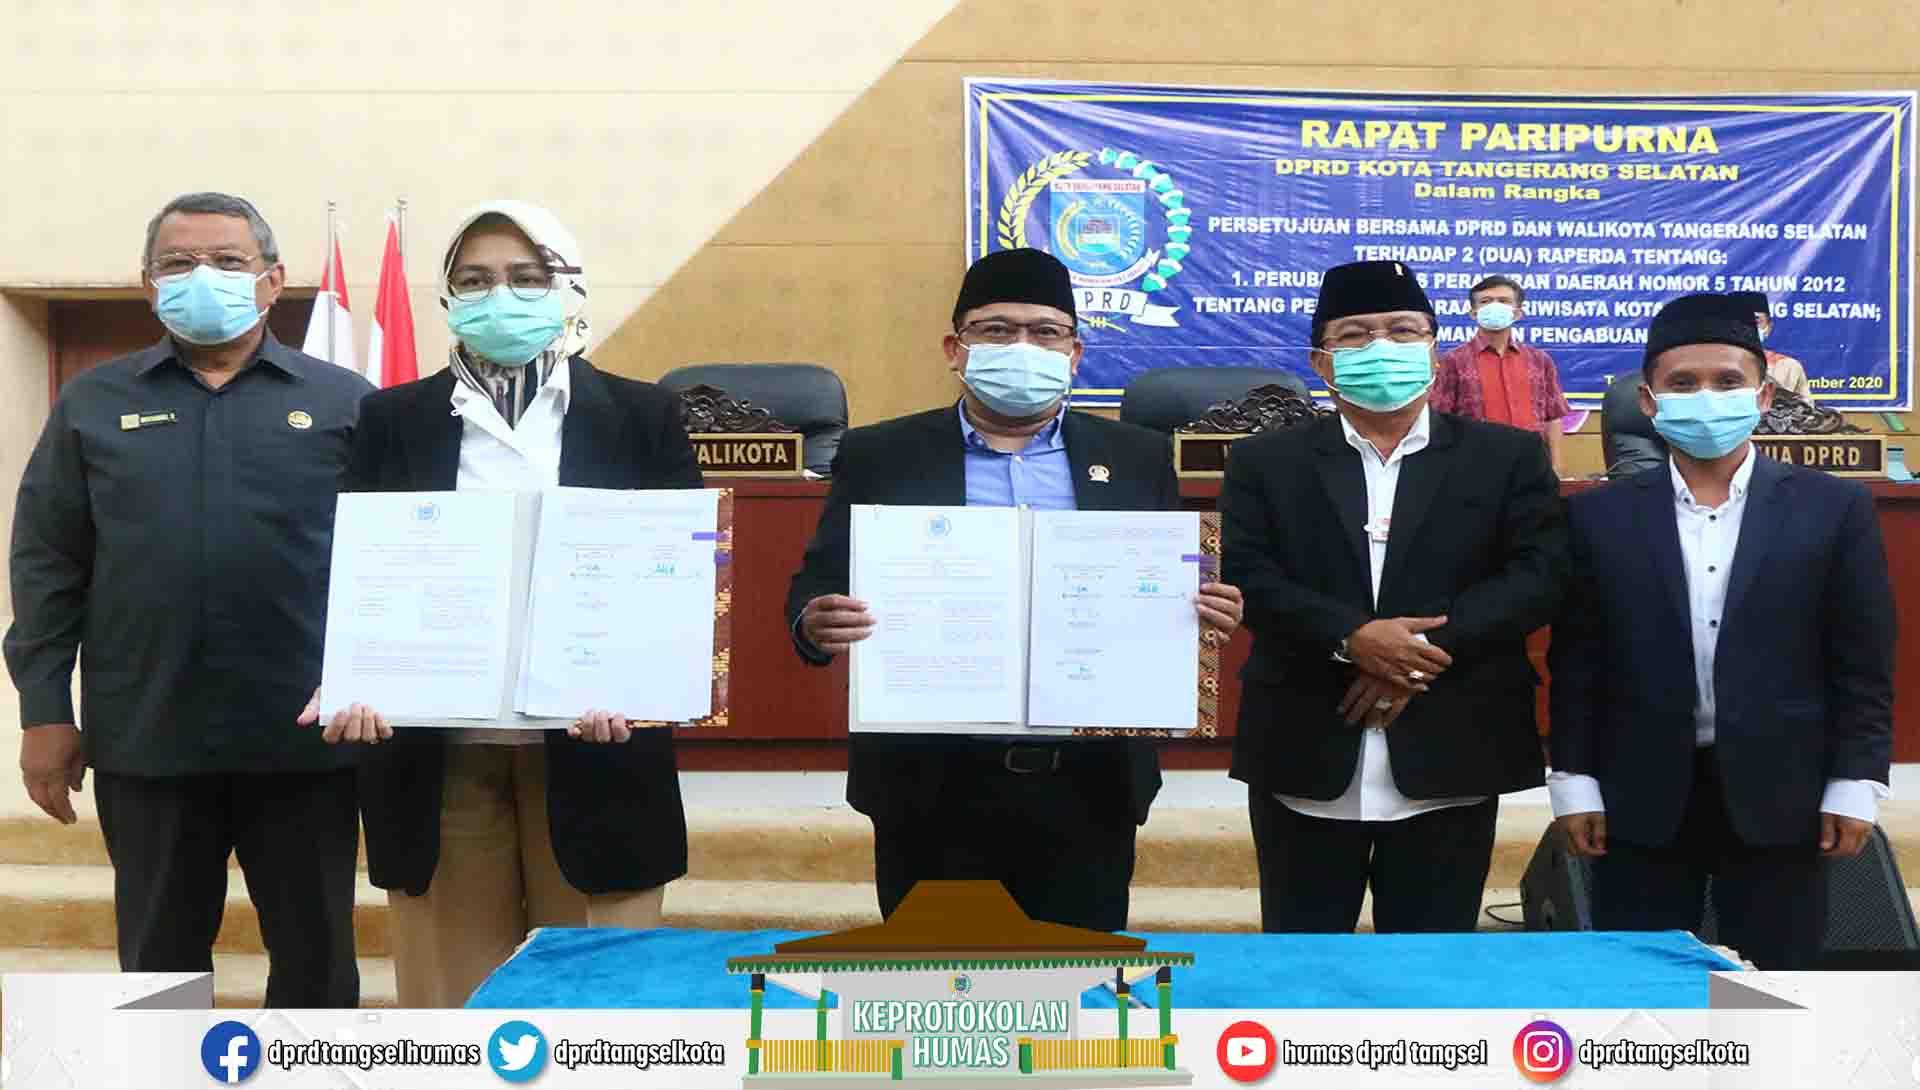 Paripurna Persetujuan Bersama DPRD dan Walikota terhadap 2 Raperda